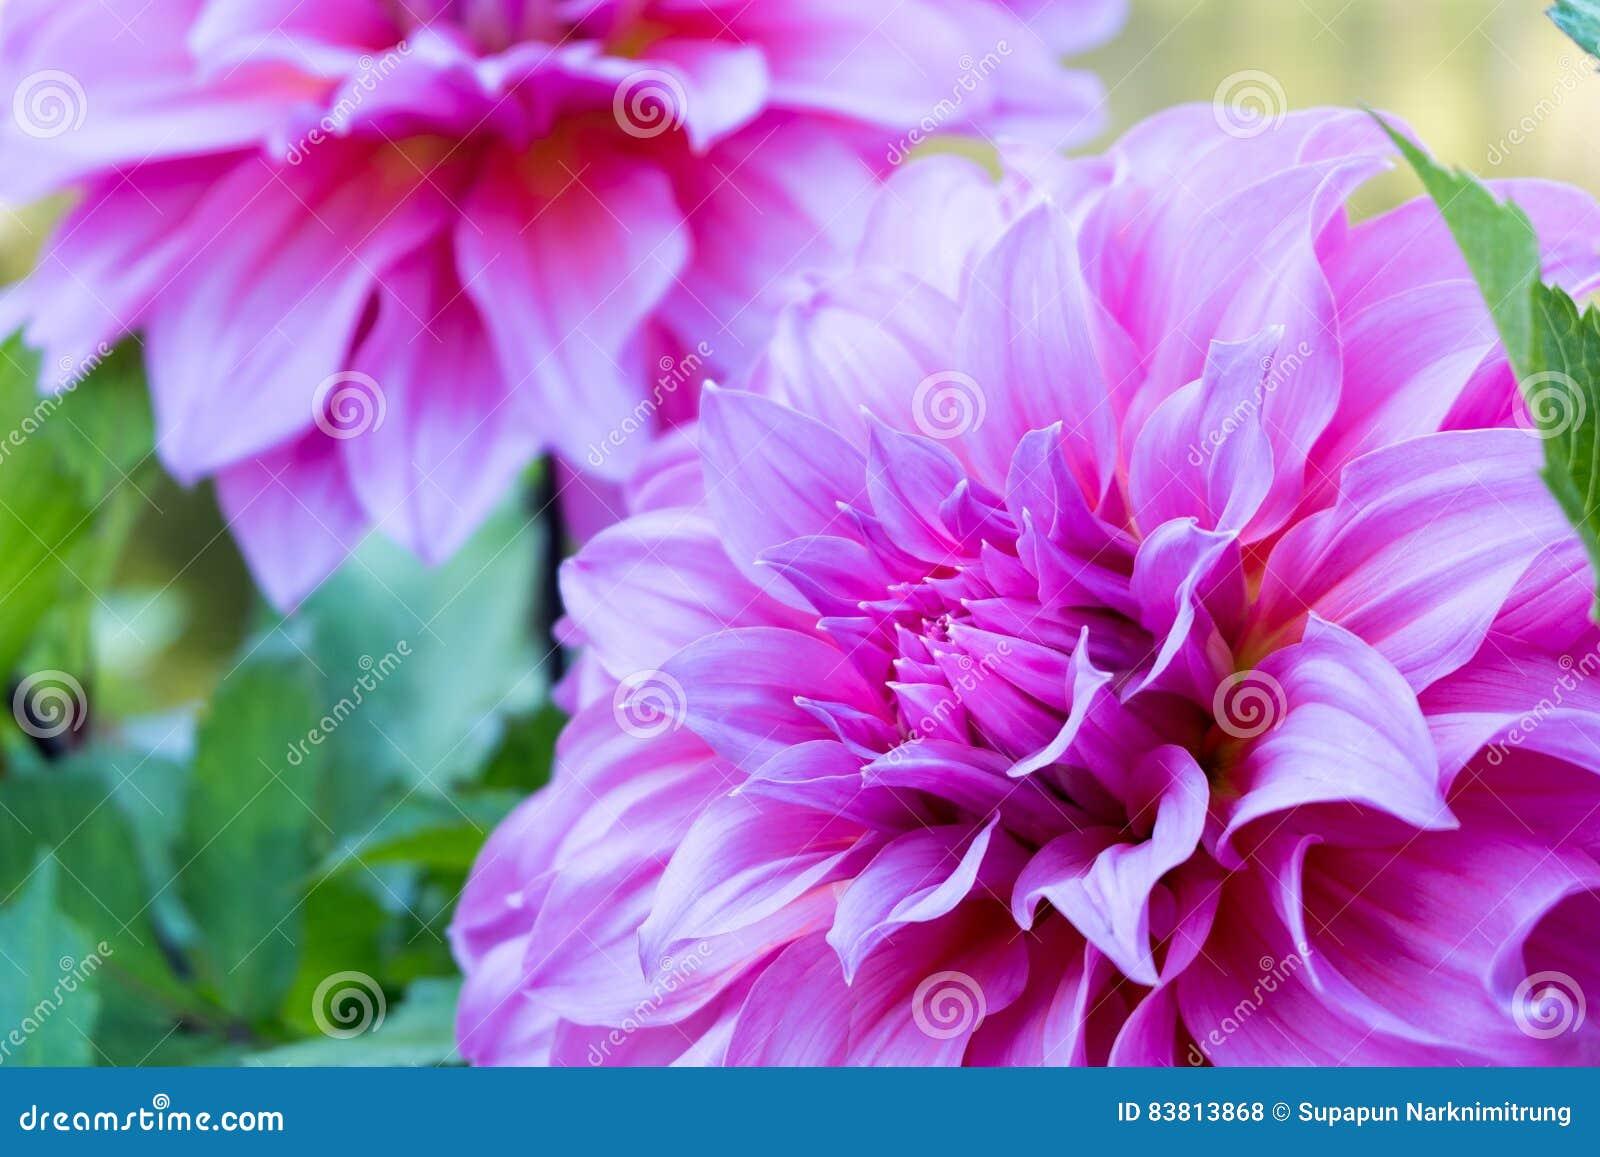 Κλείστε επάνω το όμορφο ρόδινο άνθος λουλουδιών νταλιών και τα πράσινα φύλλα φρέσκο floral φυσικό υπόβαθρο